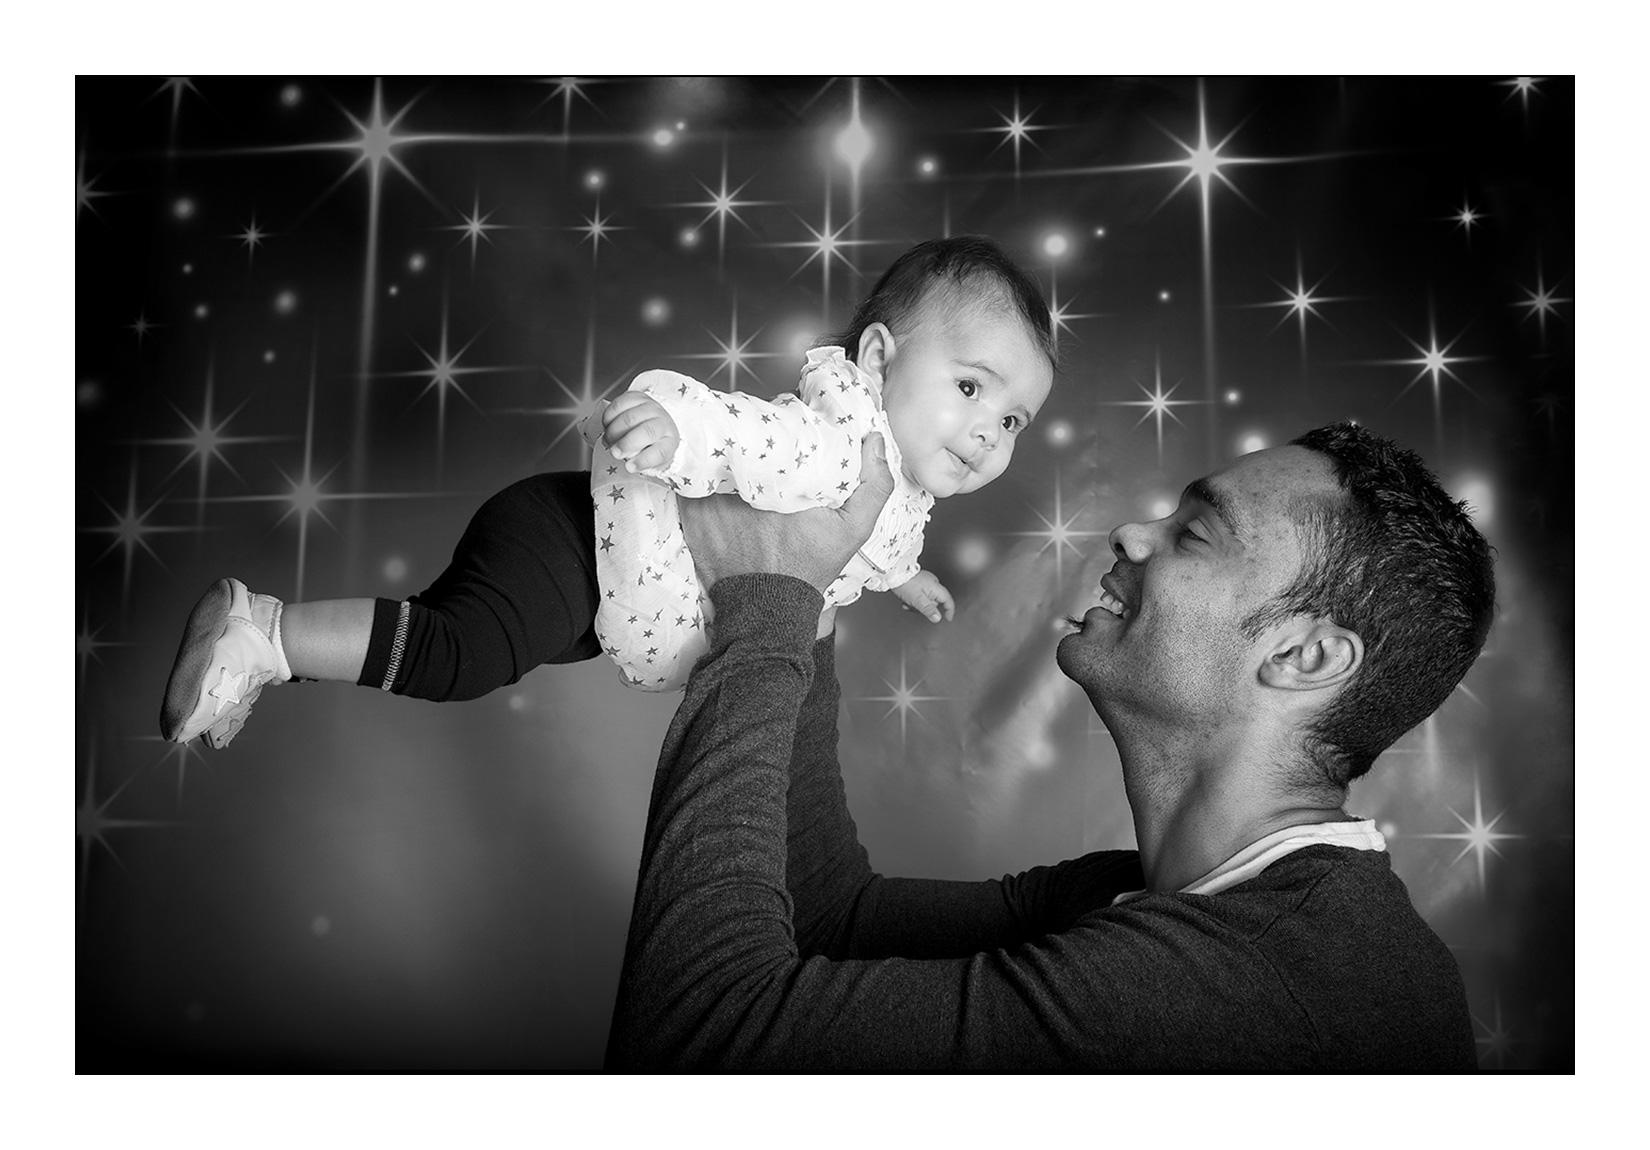 studio-photo-papa-homme-pere-amour-enfant-noir-blanc